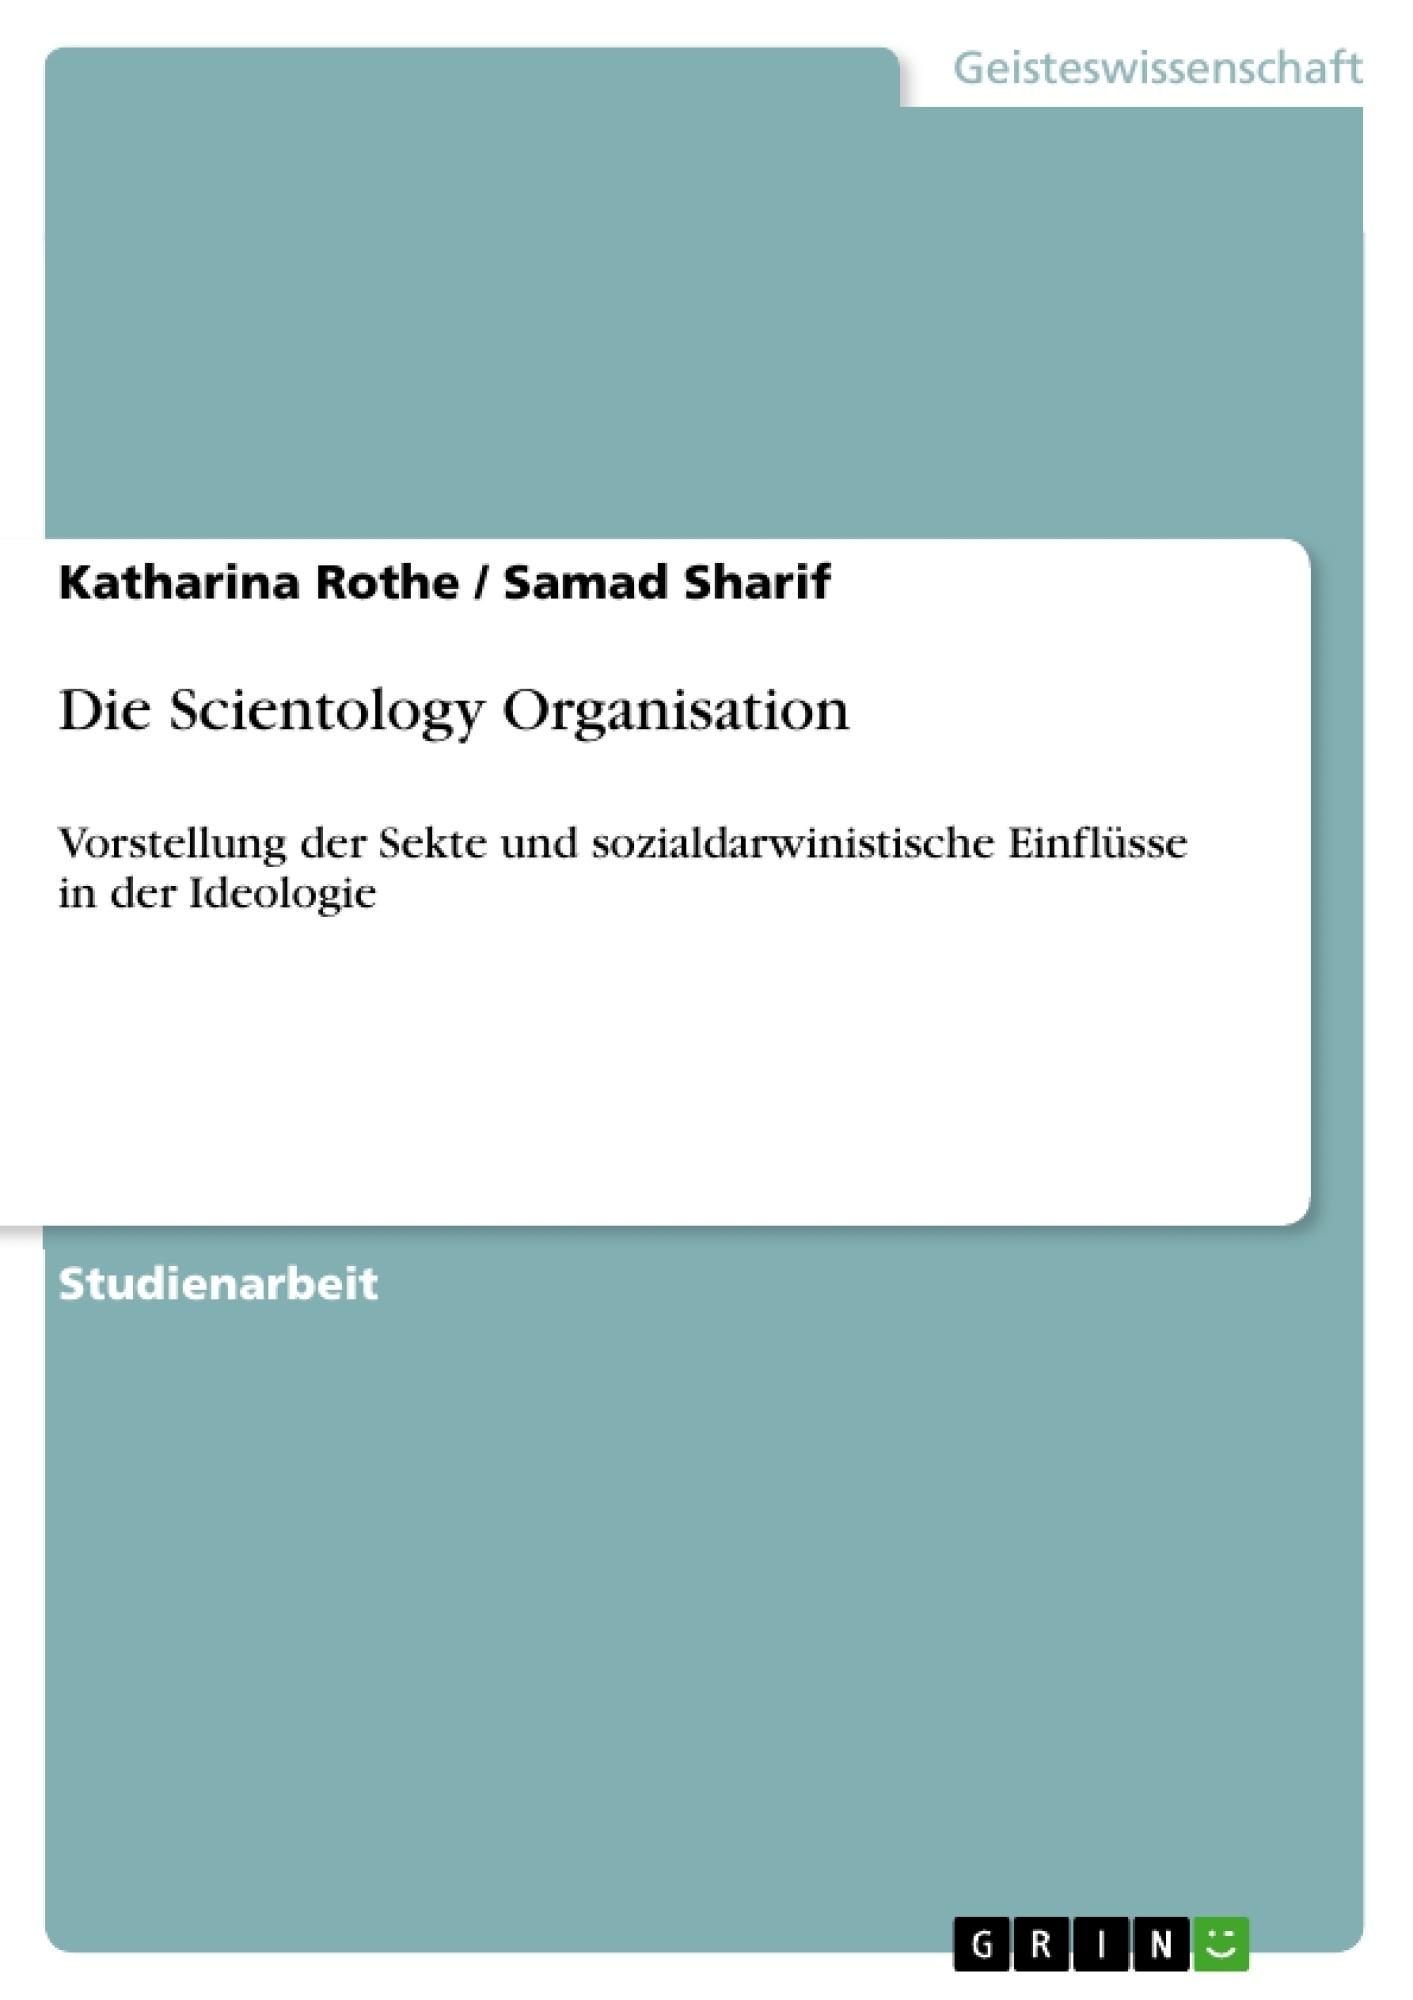 Titel: Die Scientology Organisation